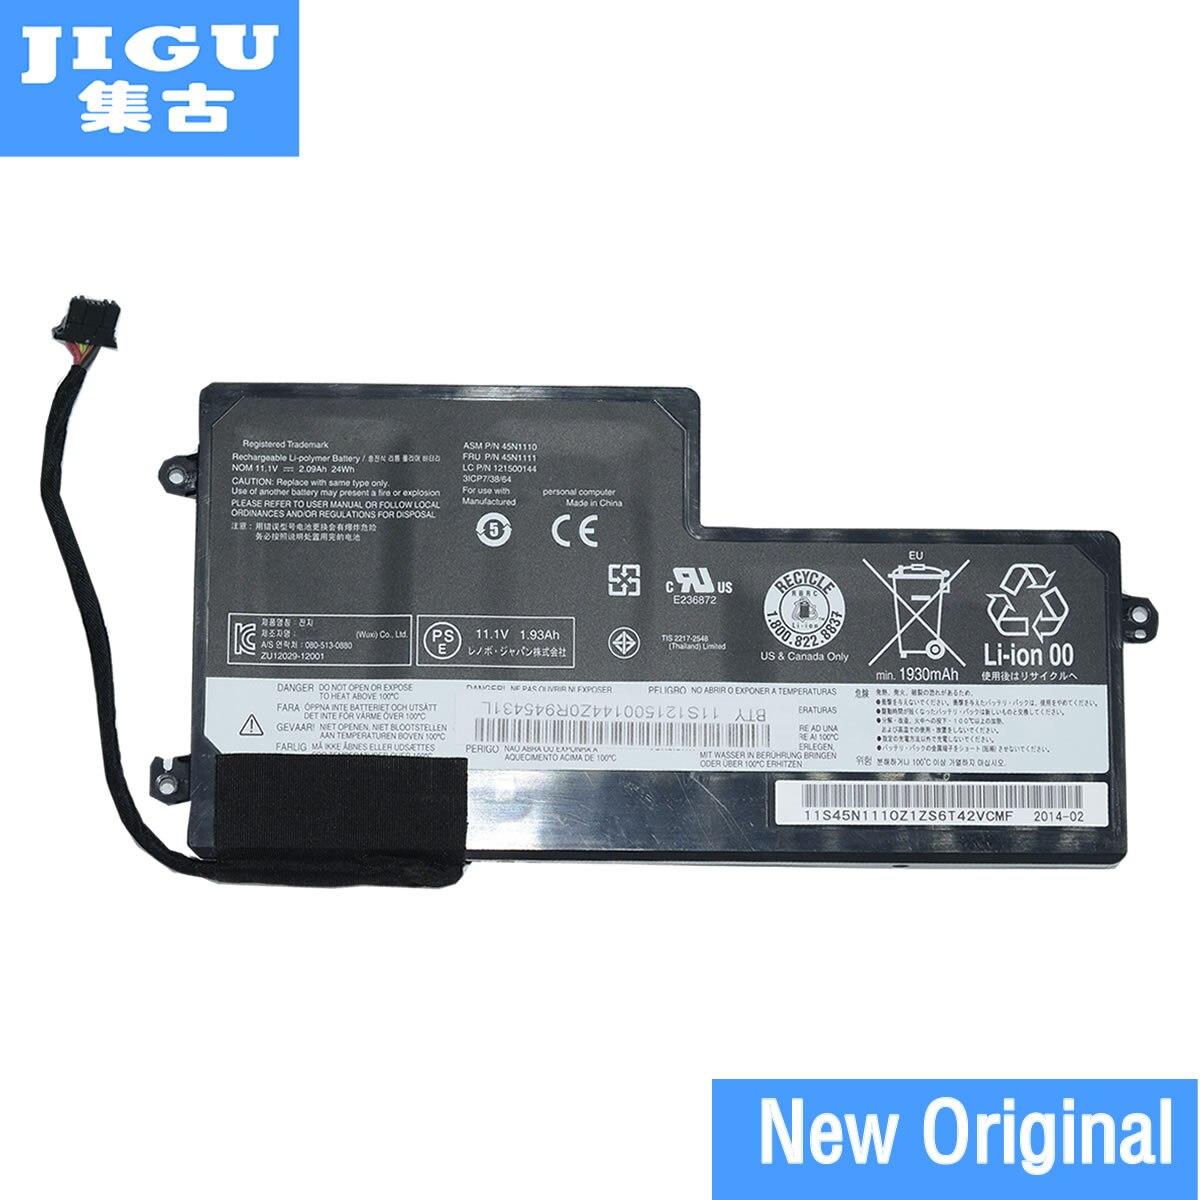 JIGU 45N1108 45N1109 45N1110 45N1111 Original laptop Battery For Lenovo for ThinkPad X230s X240s K2450 S440 S540 T440 T440S jigu new battery l11l6y01 l11s6y01 for lenovo y480p y580nt g485a g410 y480a y480 y580 g480 g485g z380 y480m